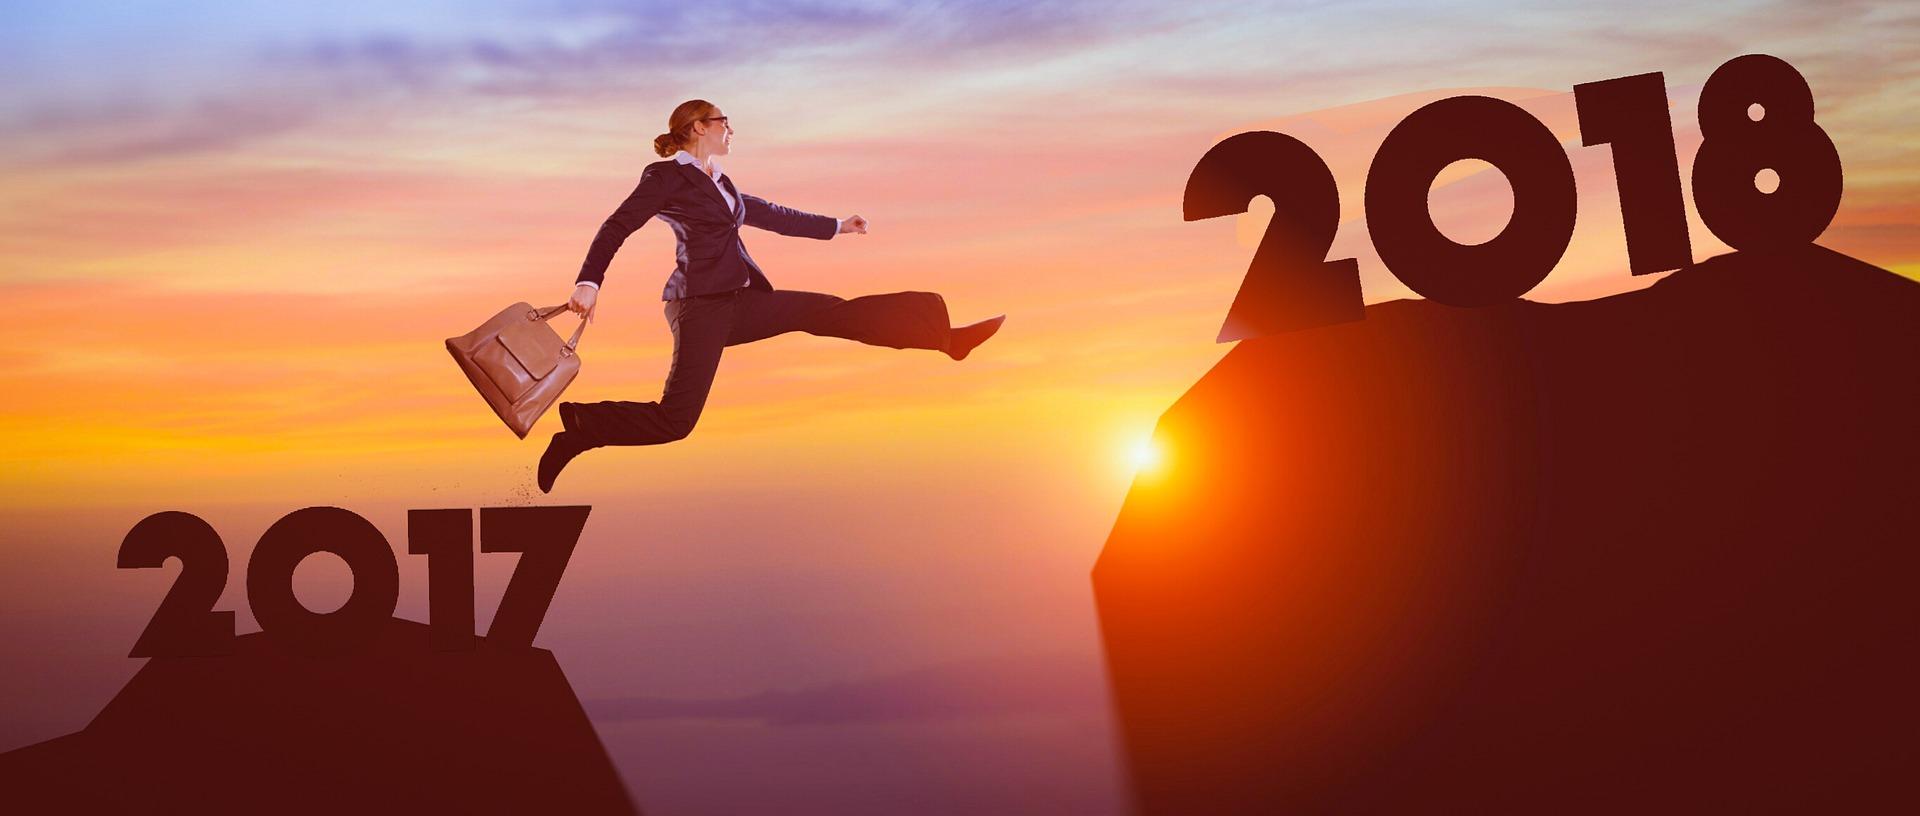 Viktiga lagändringar 2018 för dig som företagare